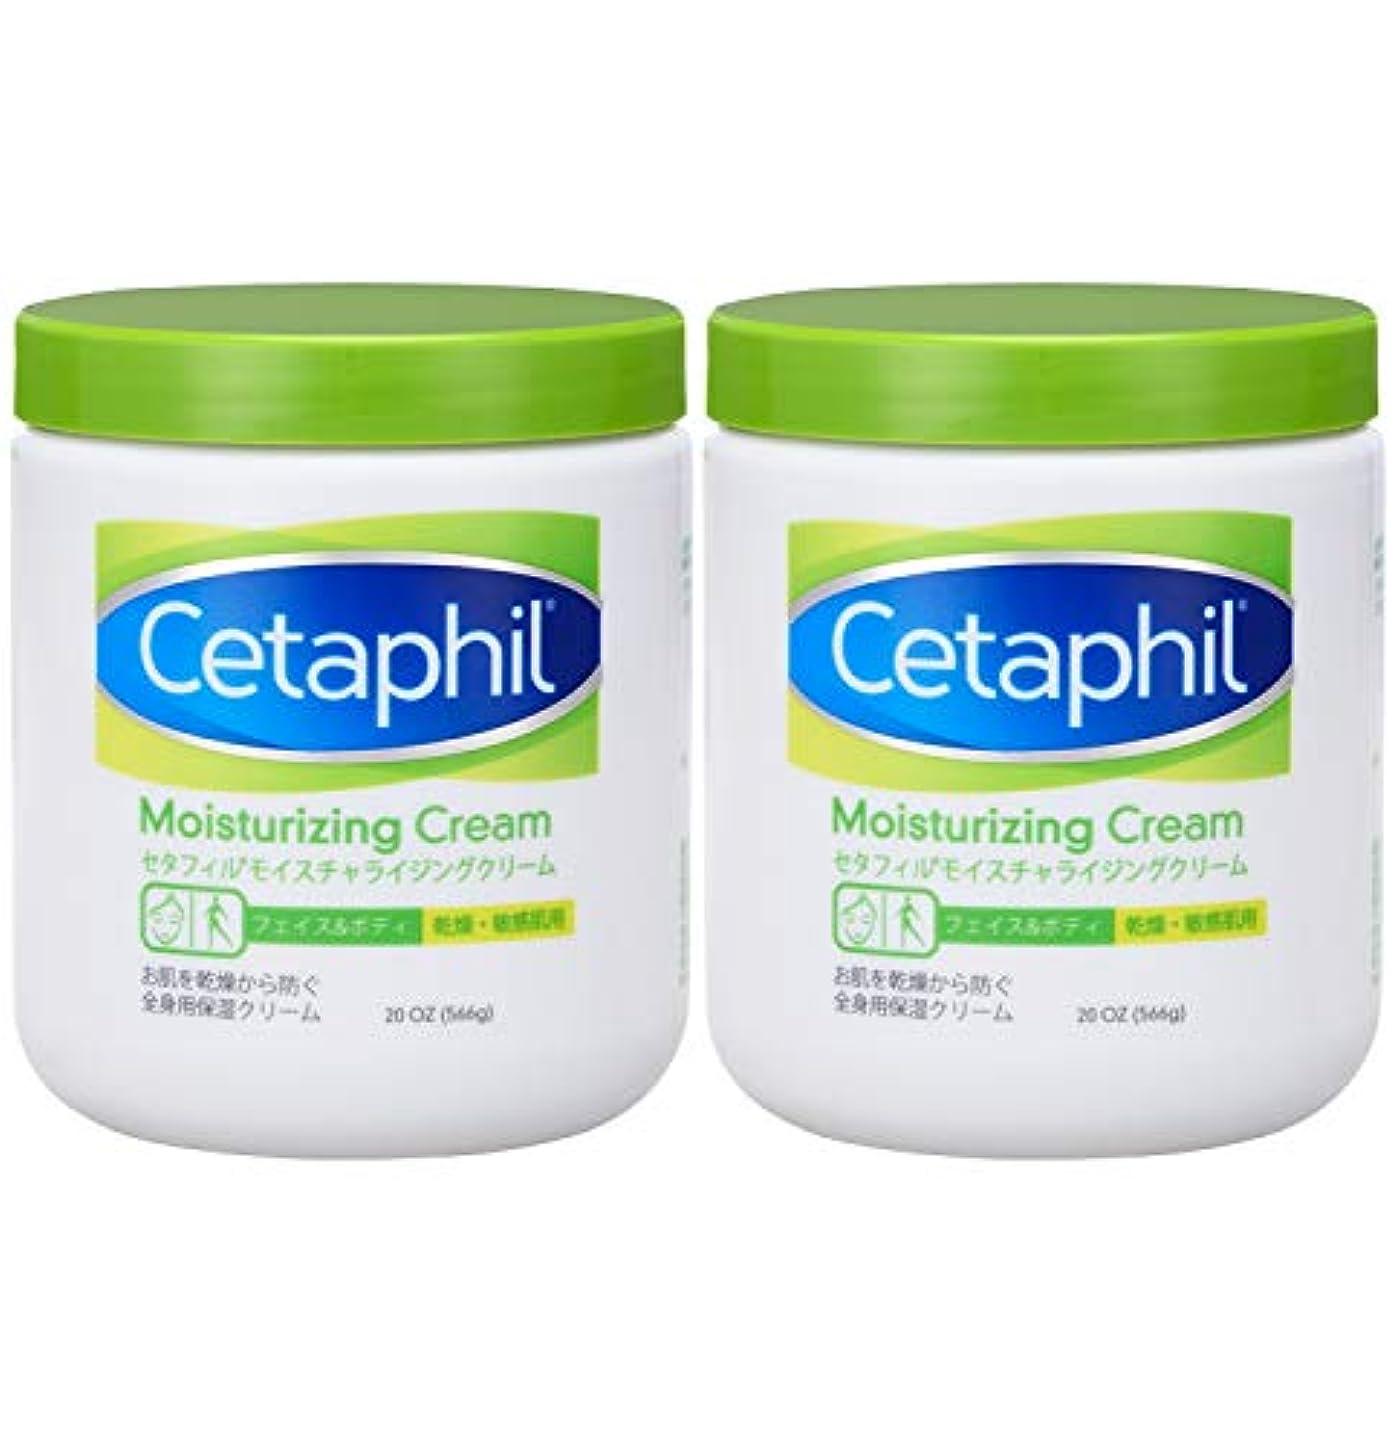 完璧メカニック教えセタフィル Cetaphil ® モイスチャライジングクリーム 566ml 2本組 ( フェイス & ボディ 保湿クリーム クリーム )